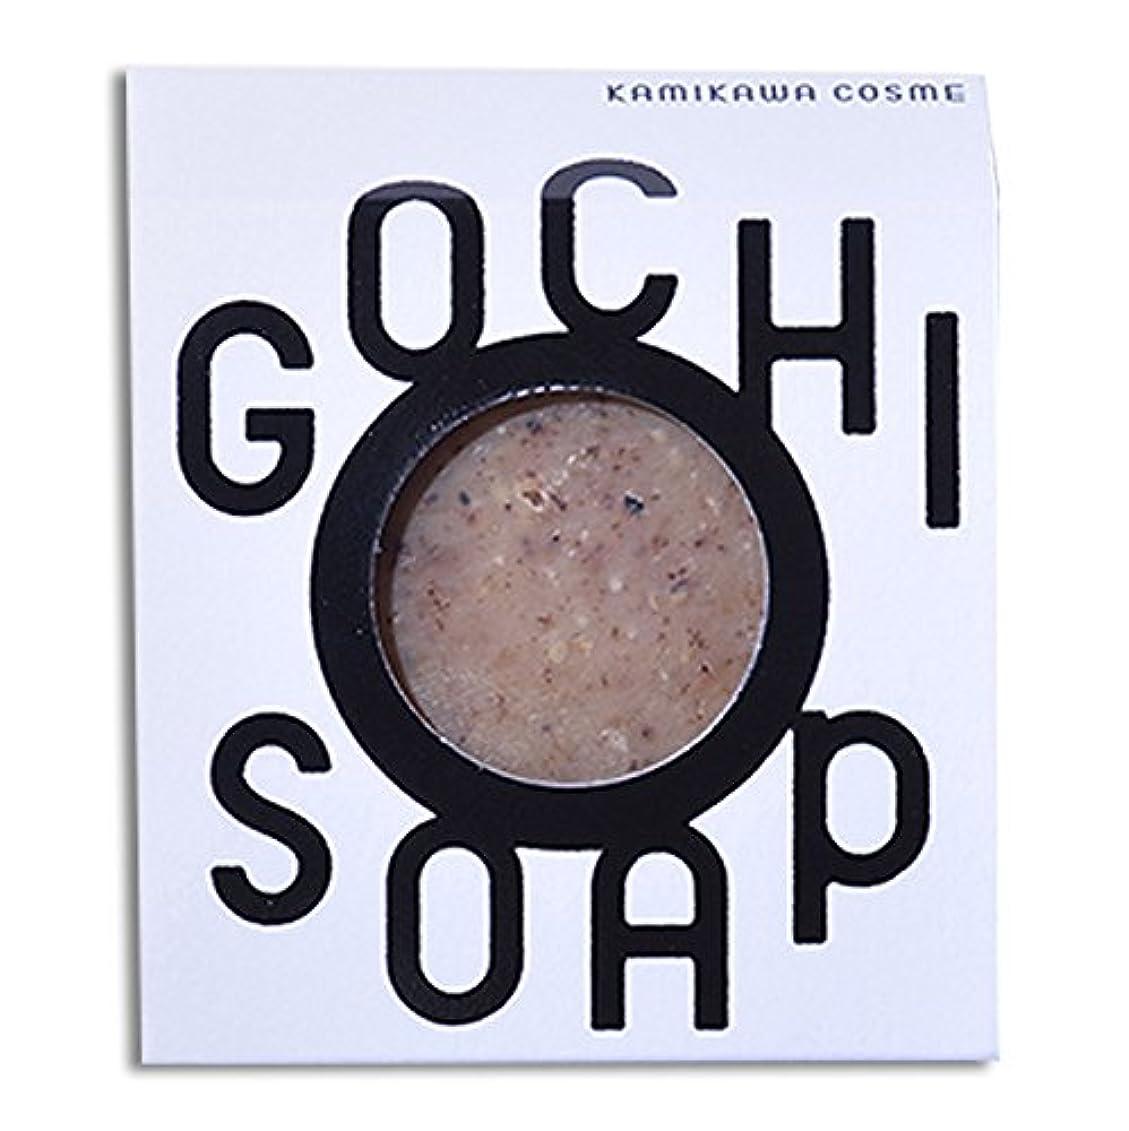 接尾辞ペルソナスピン道北の素材を使用したコスメブランド GOCHI SOAP(上森米穀店の黒米ぬかソープ?谷口農場のトマトソープ)各1個セット